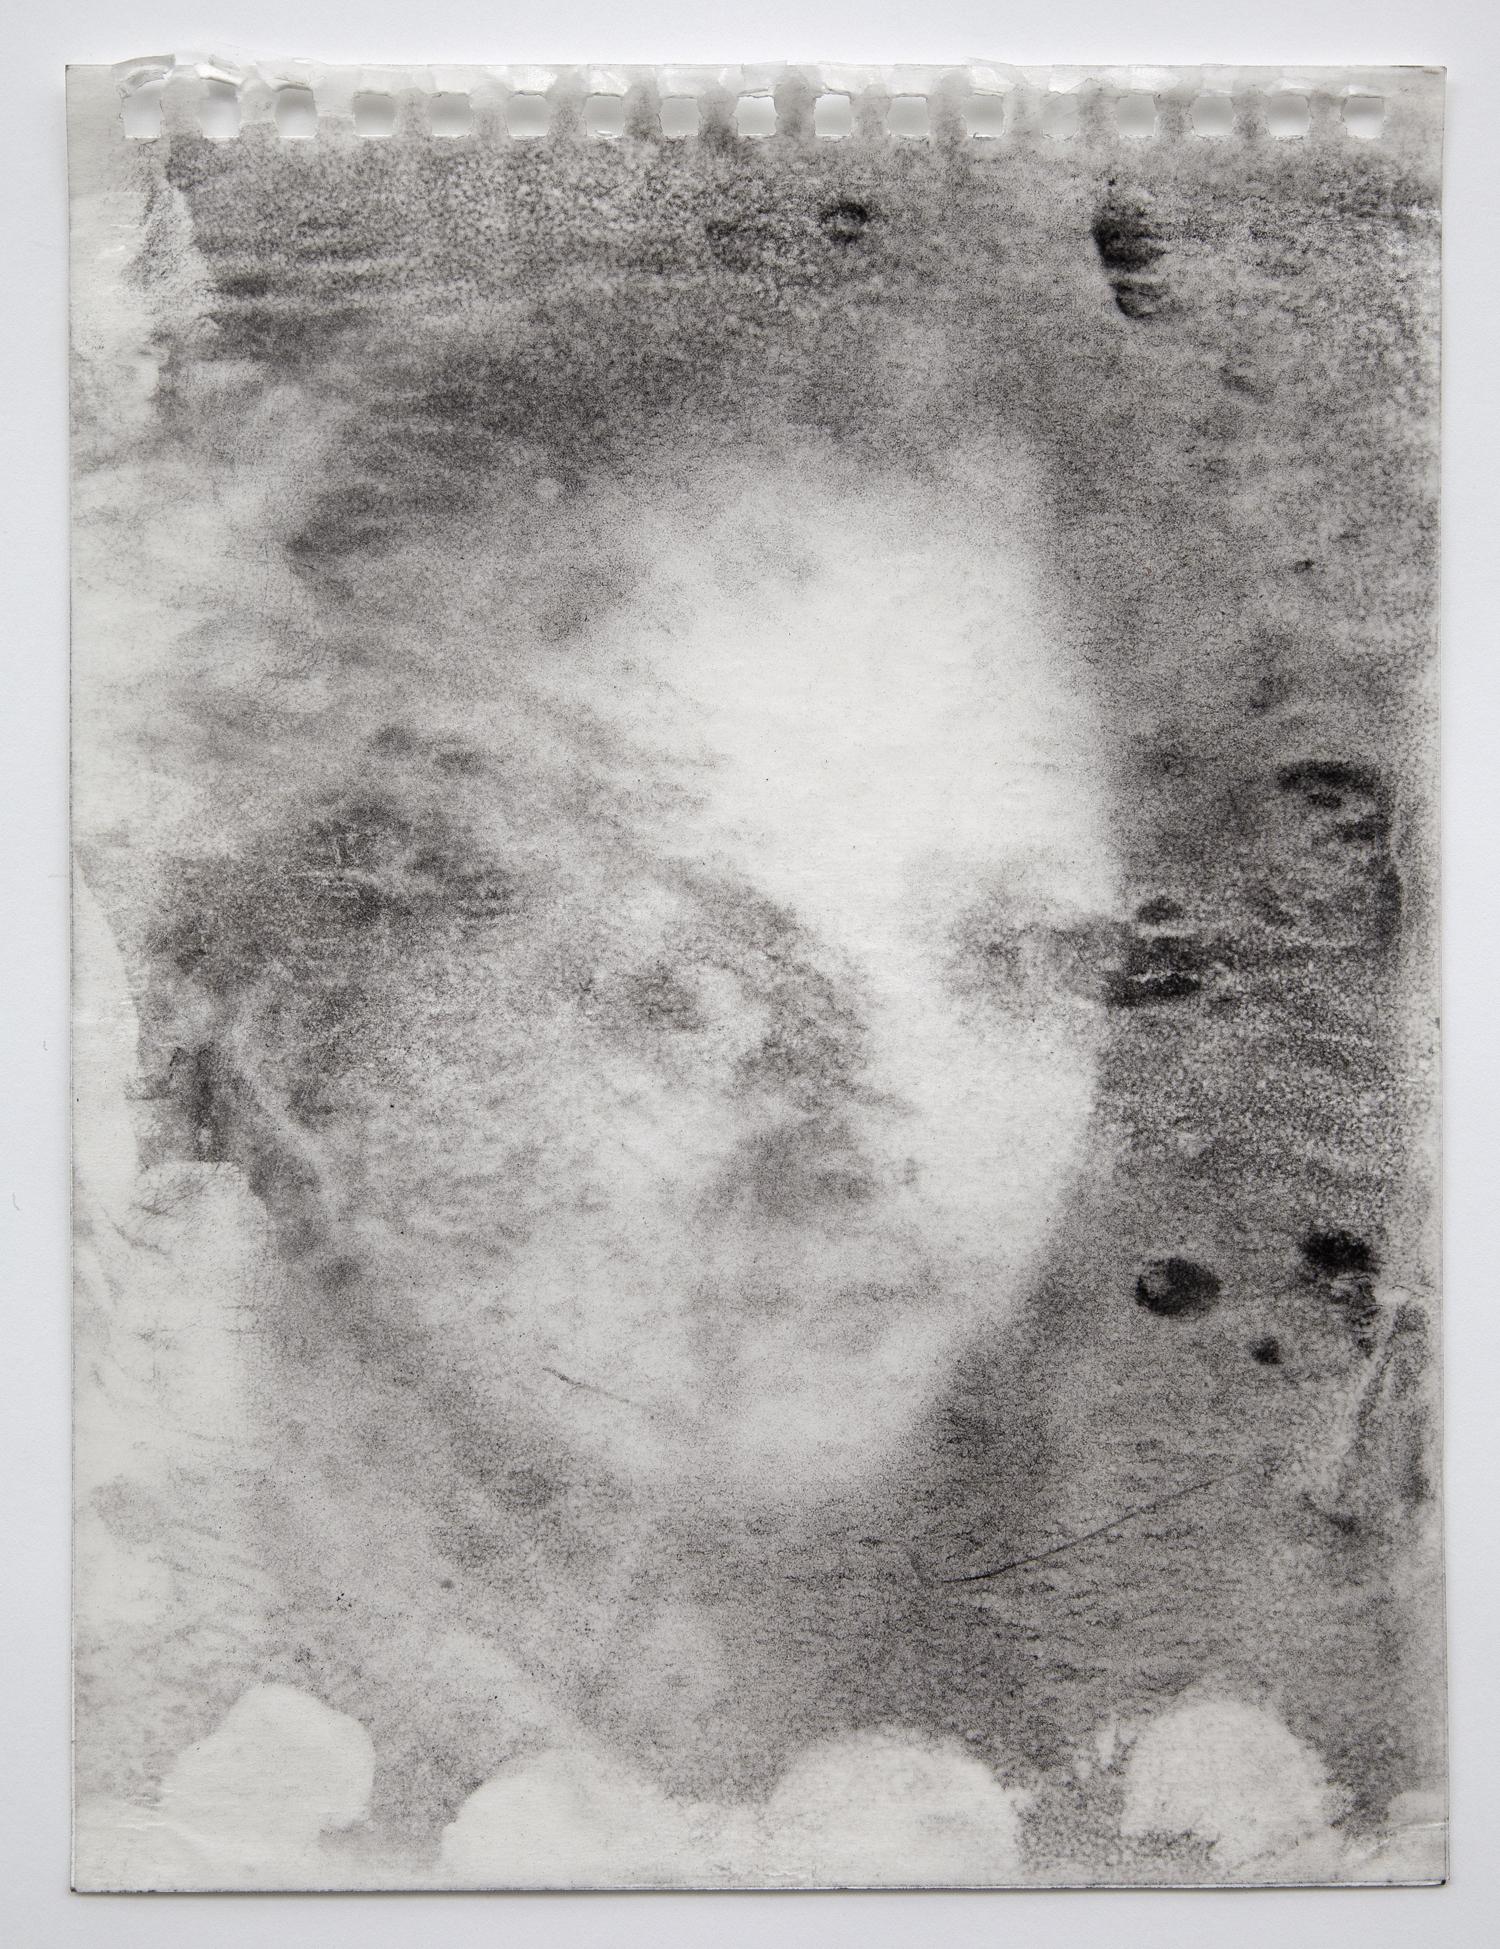 Interleaf Drawing (after Vermeer) 2013